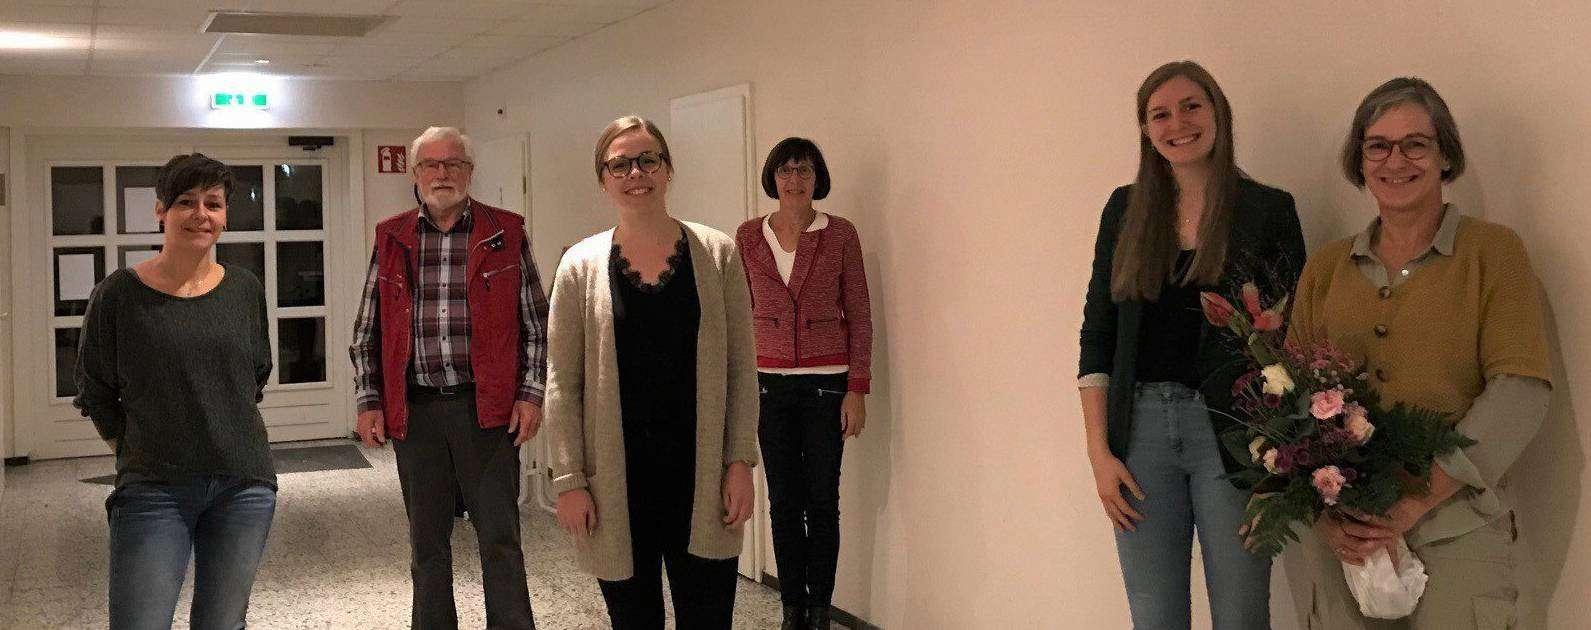 Ramona Richter-Röhl (von links), Harald Hüner, Inga Bostelmann, Annegret Pralle und Laura Röhrs bedankten sich bei Christina Röhrs für ihr langjähriges Engagement.